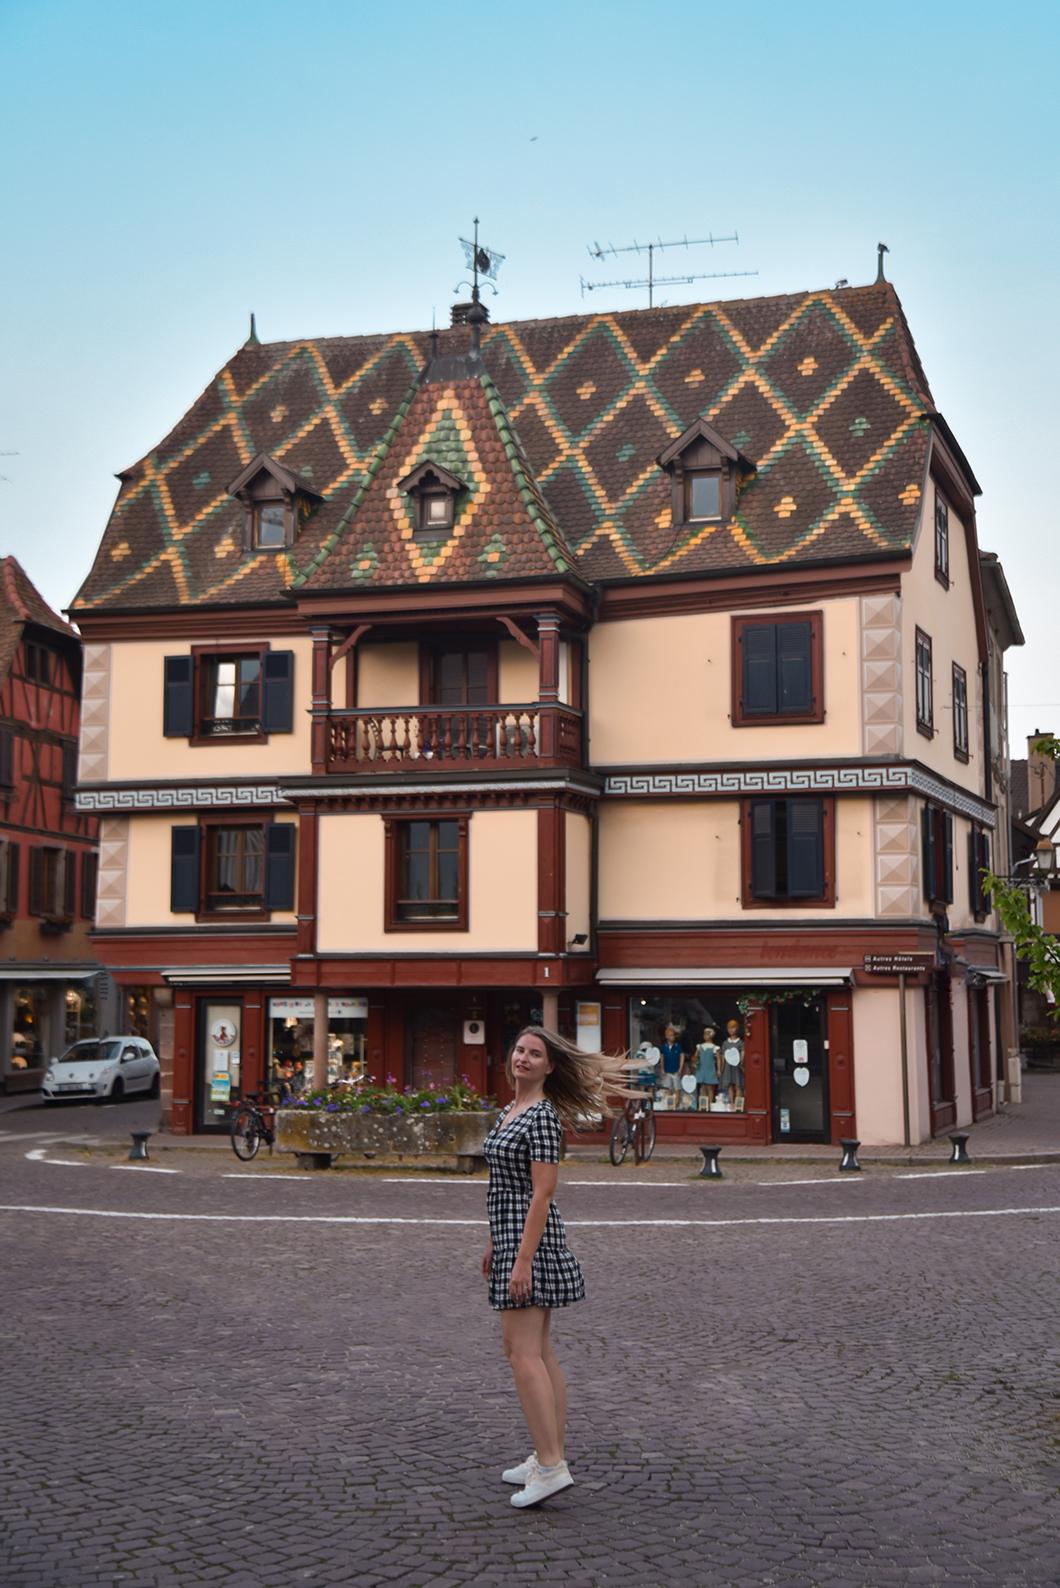 Incontournables à Obernai en Alsace - Visite de la vieille ville